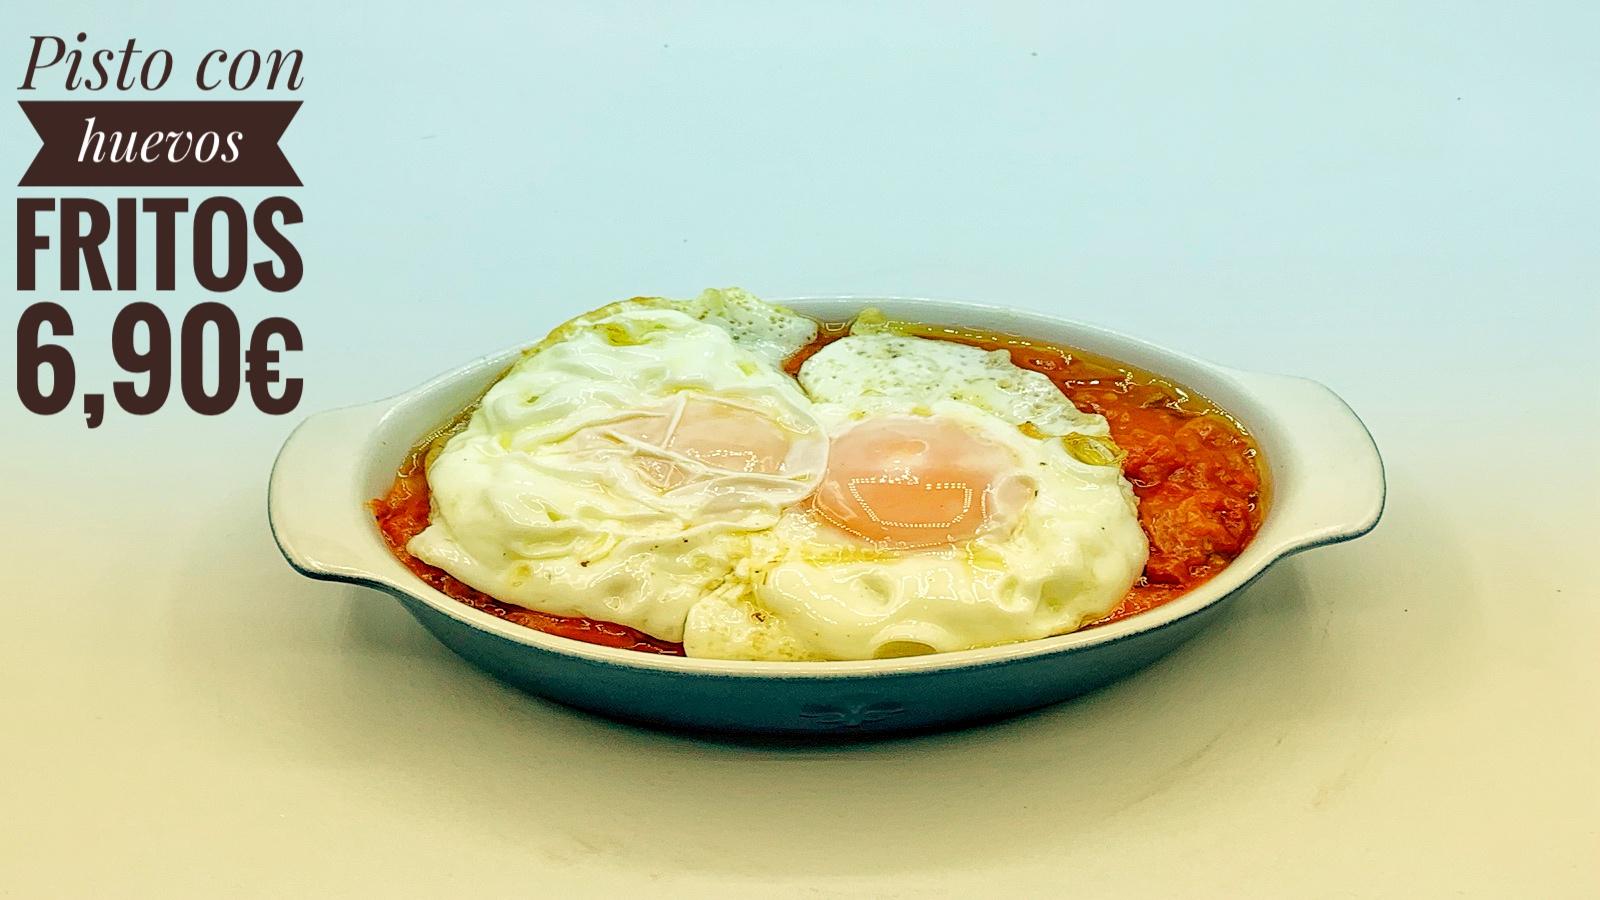 Pisto con huevos fritos Hotel Don Juan.j